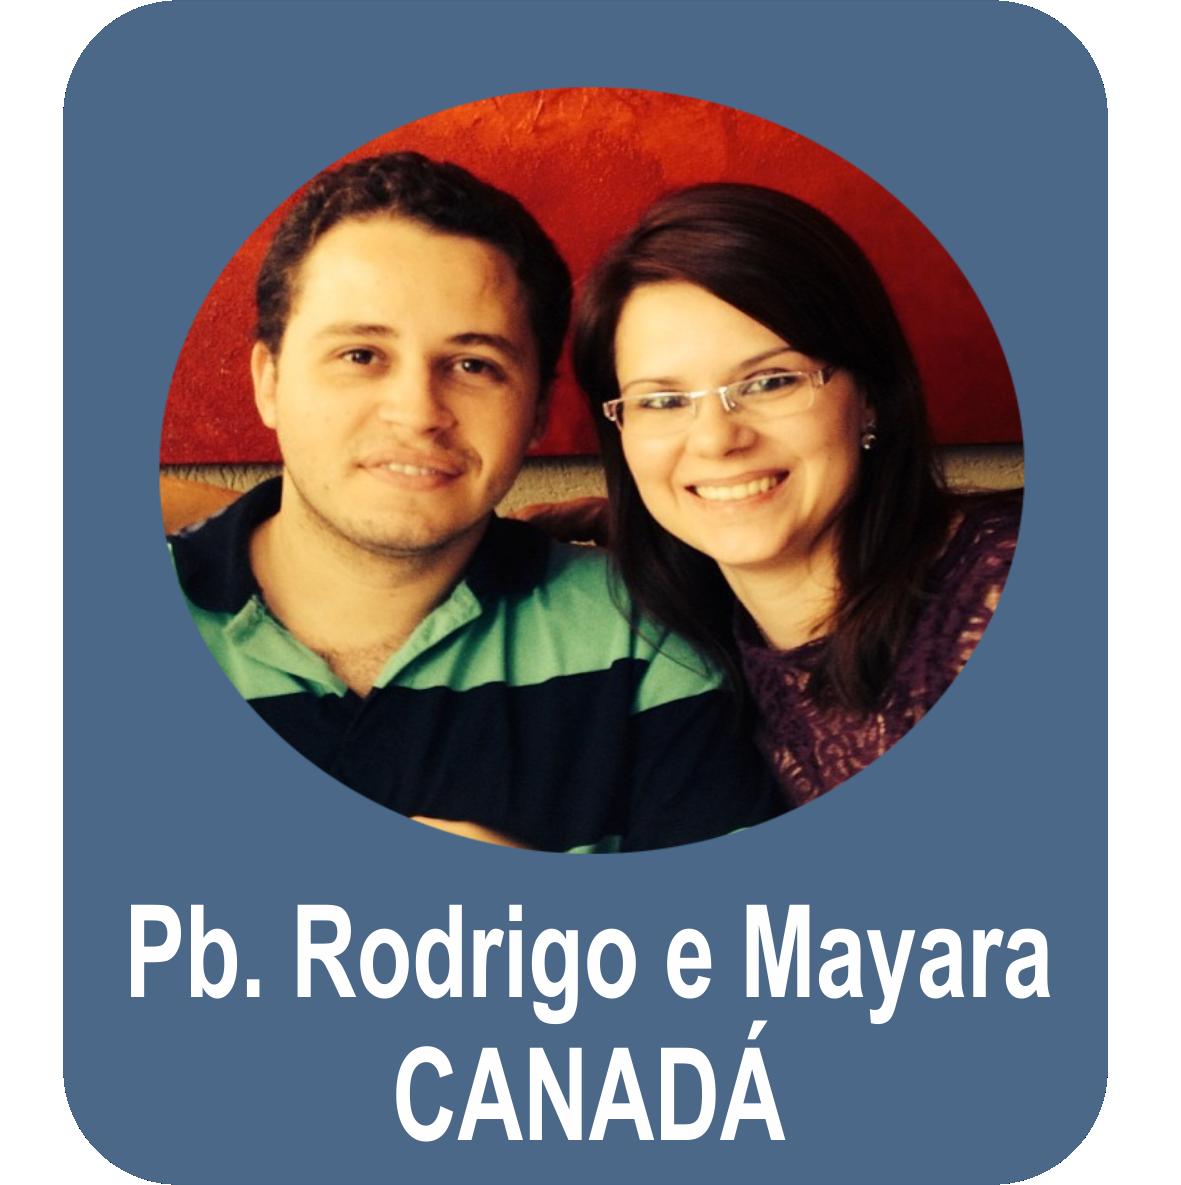 Missº. Rodrigo Monteiro de Oliveira e Miss. Mayara de Conti - Canadá